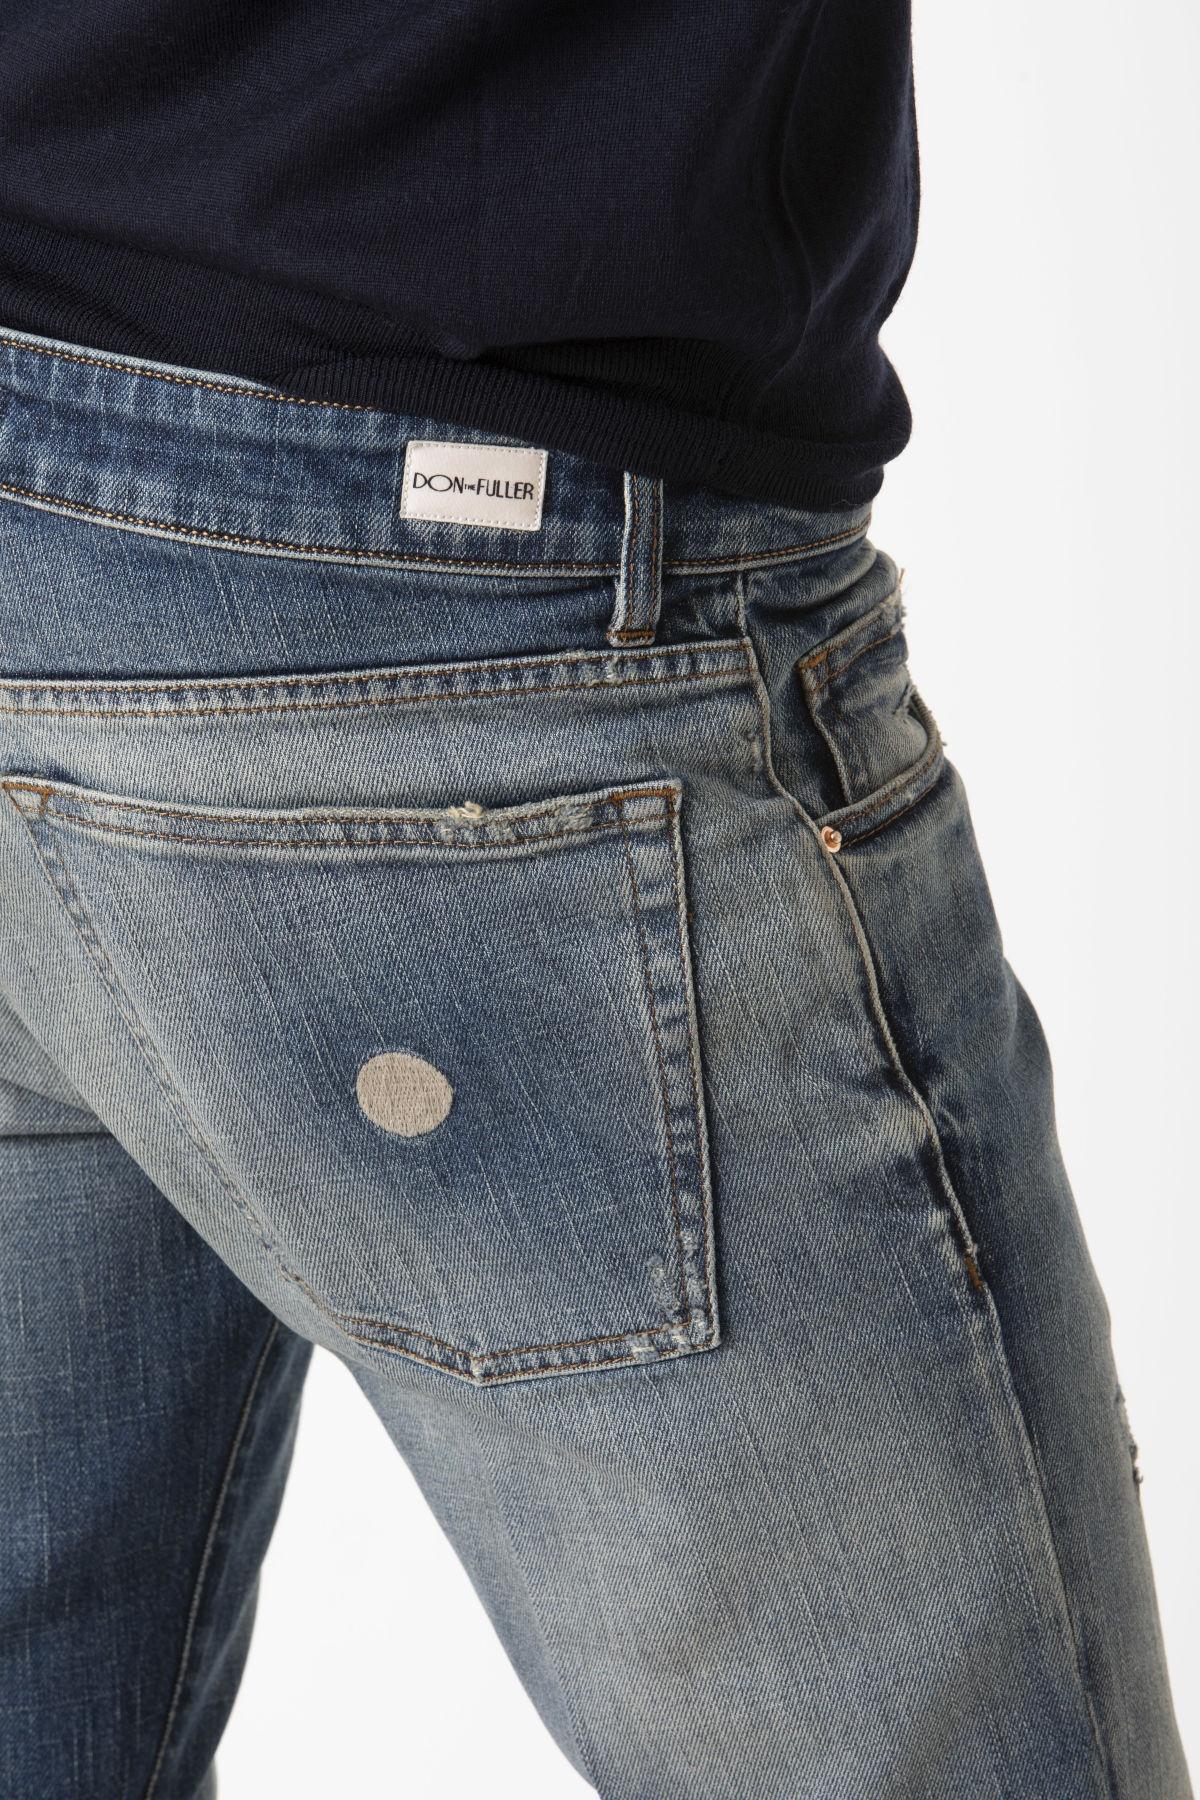 MILANO Herren Jeans DON THE FULLER H/W 19-20